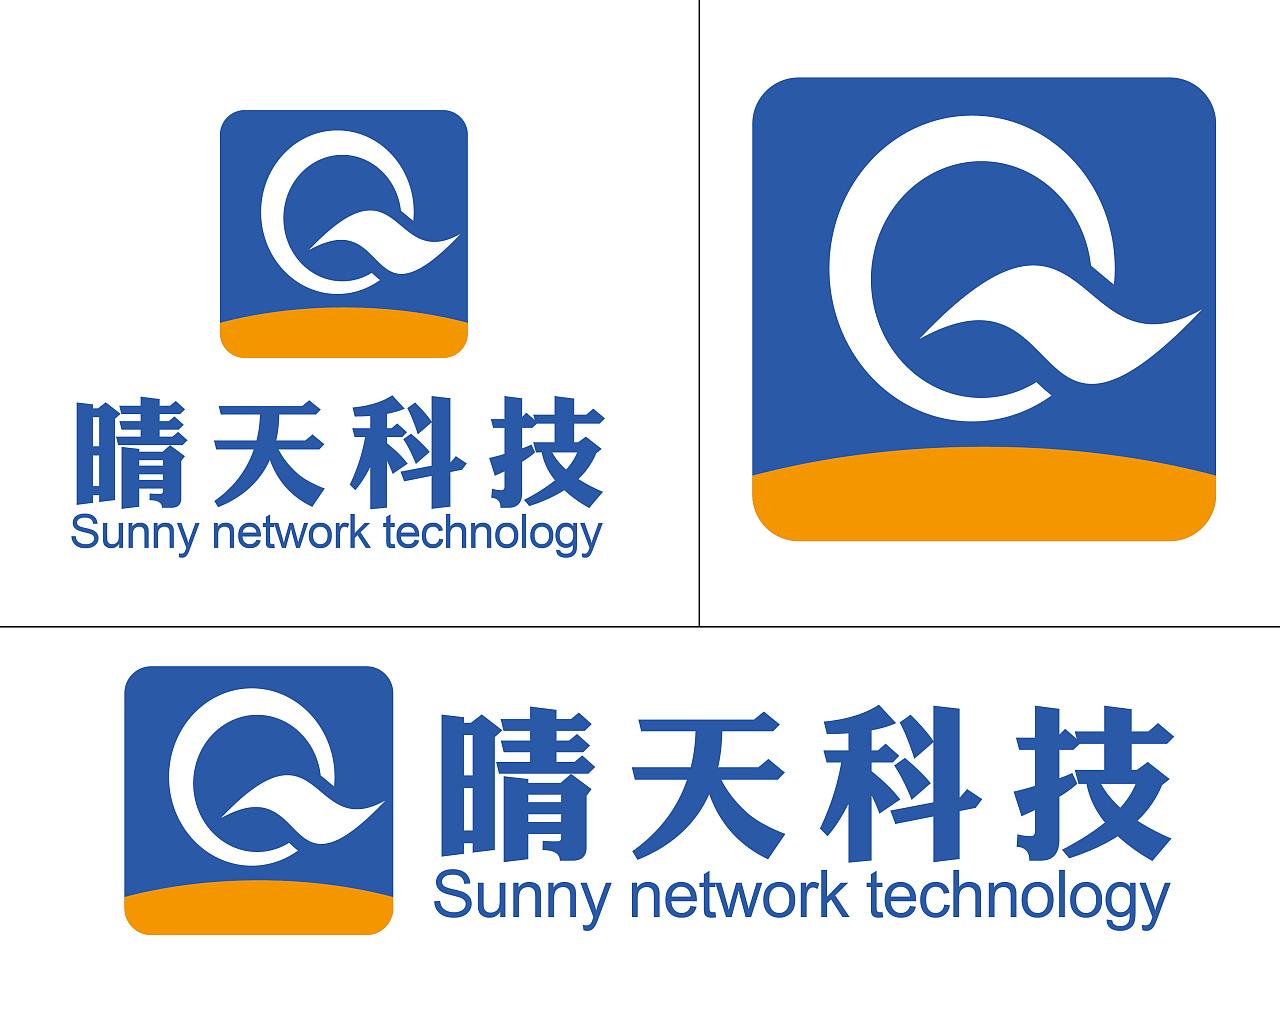 科技公司logo 平面 标志 车泳霖 - 原创作品 - 站酷